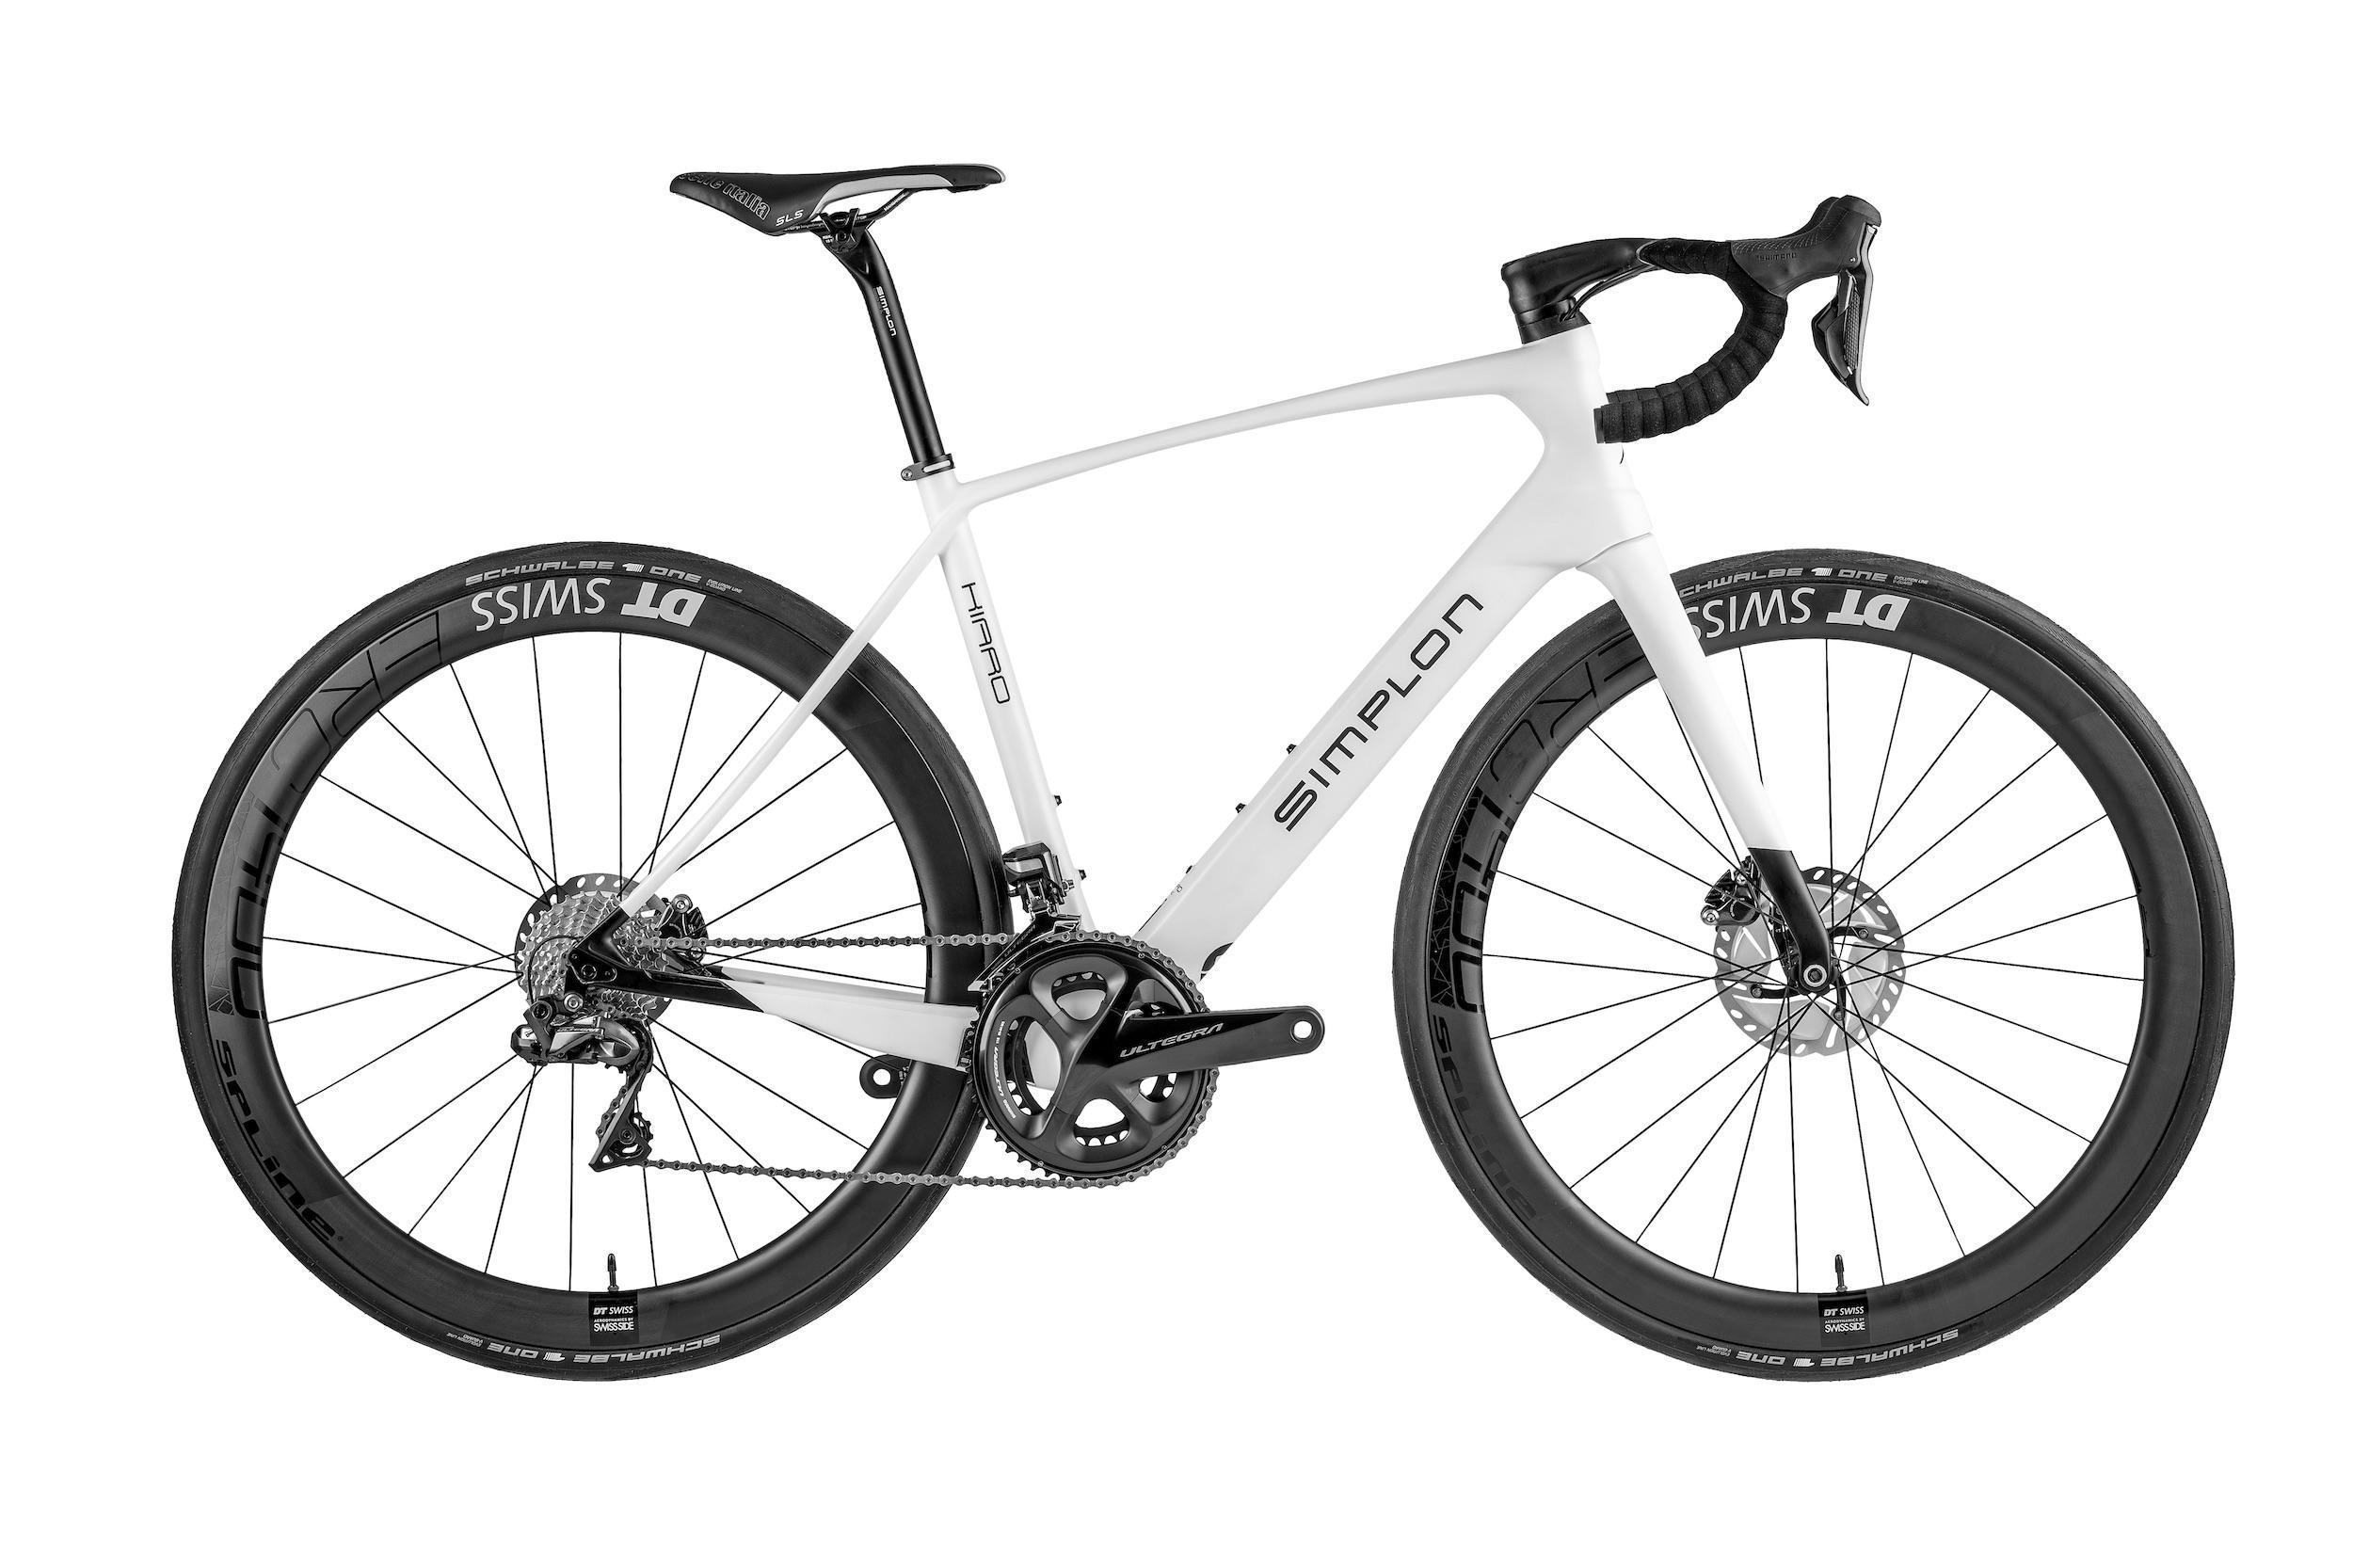 Pearl White Glossy ab ? 2.899,-. Das Gewicht liegt je nach Ausstattung zwischen 7,4 und 8,04 kg.